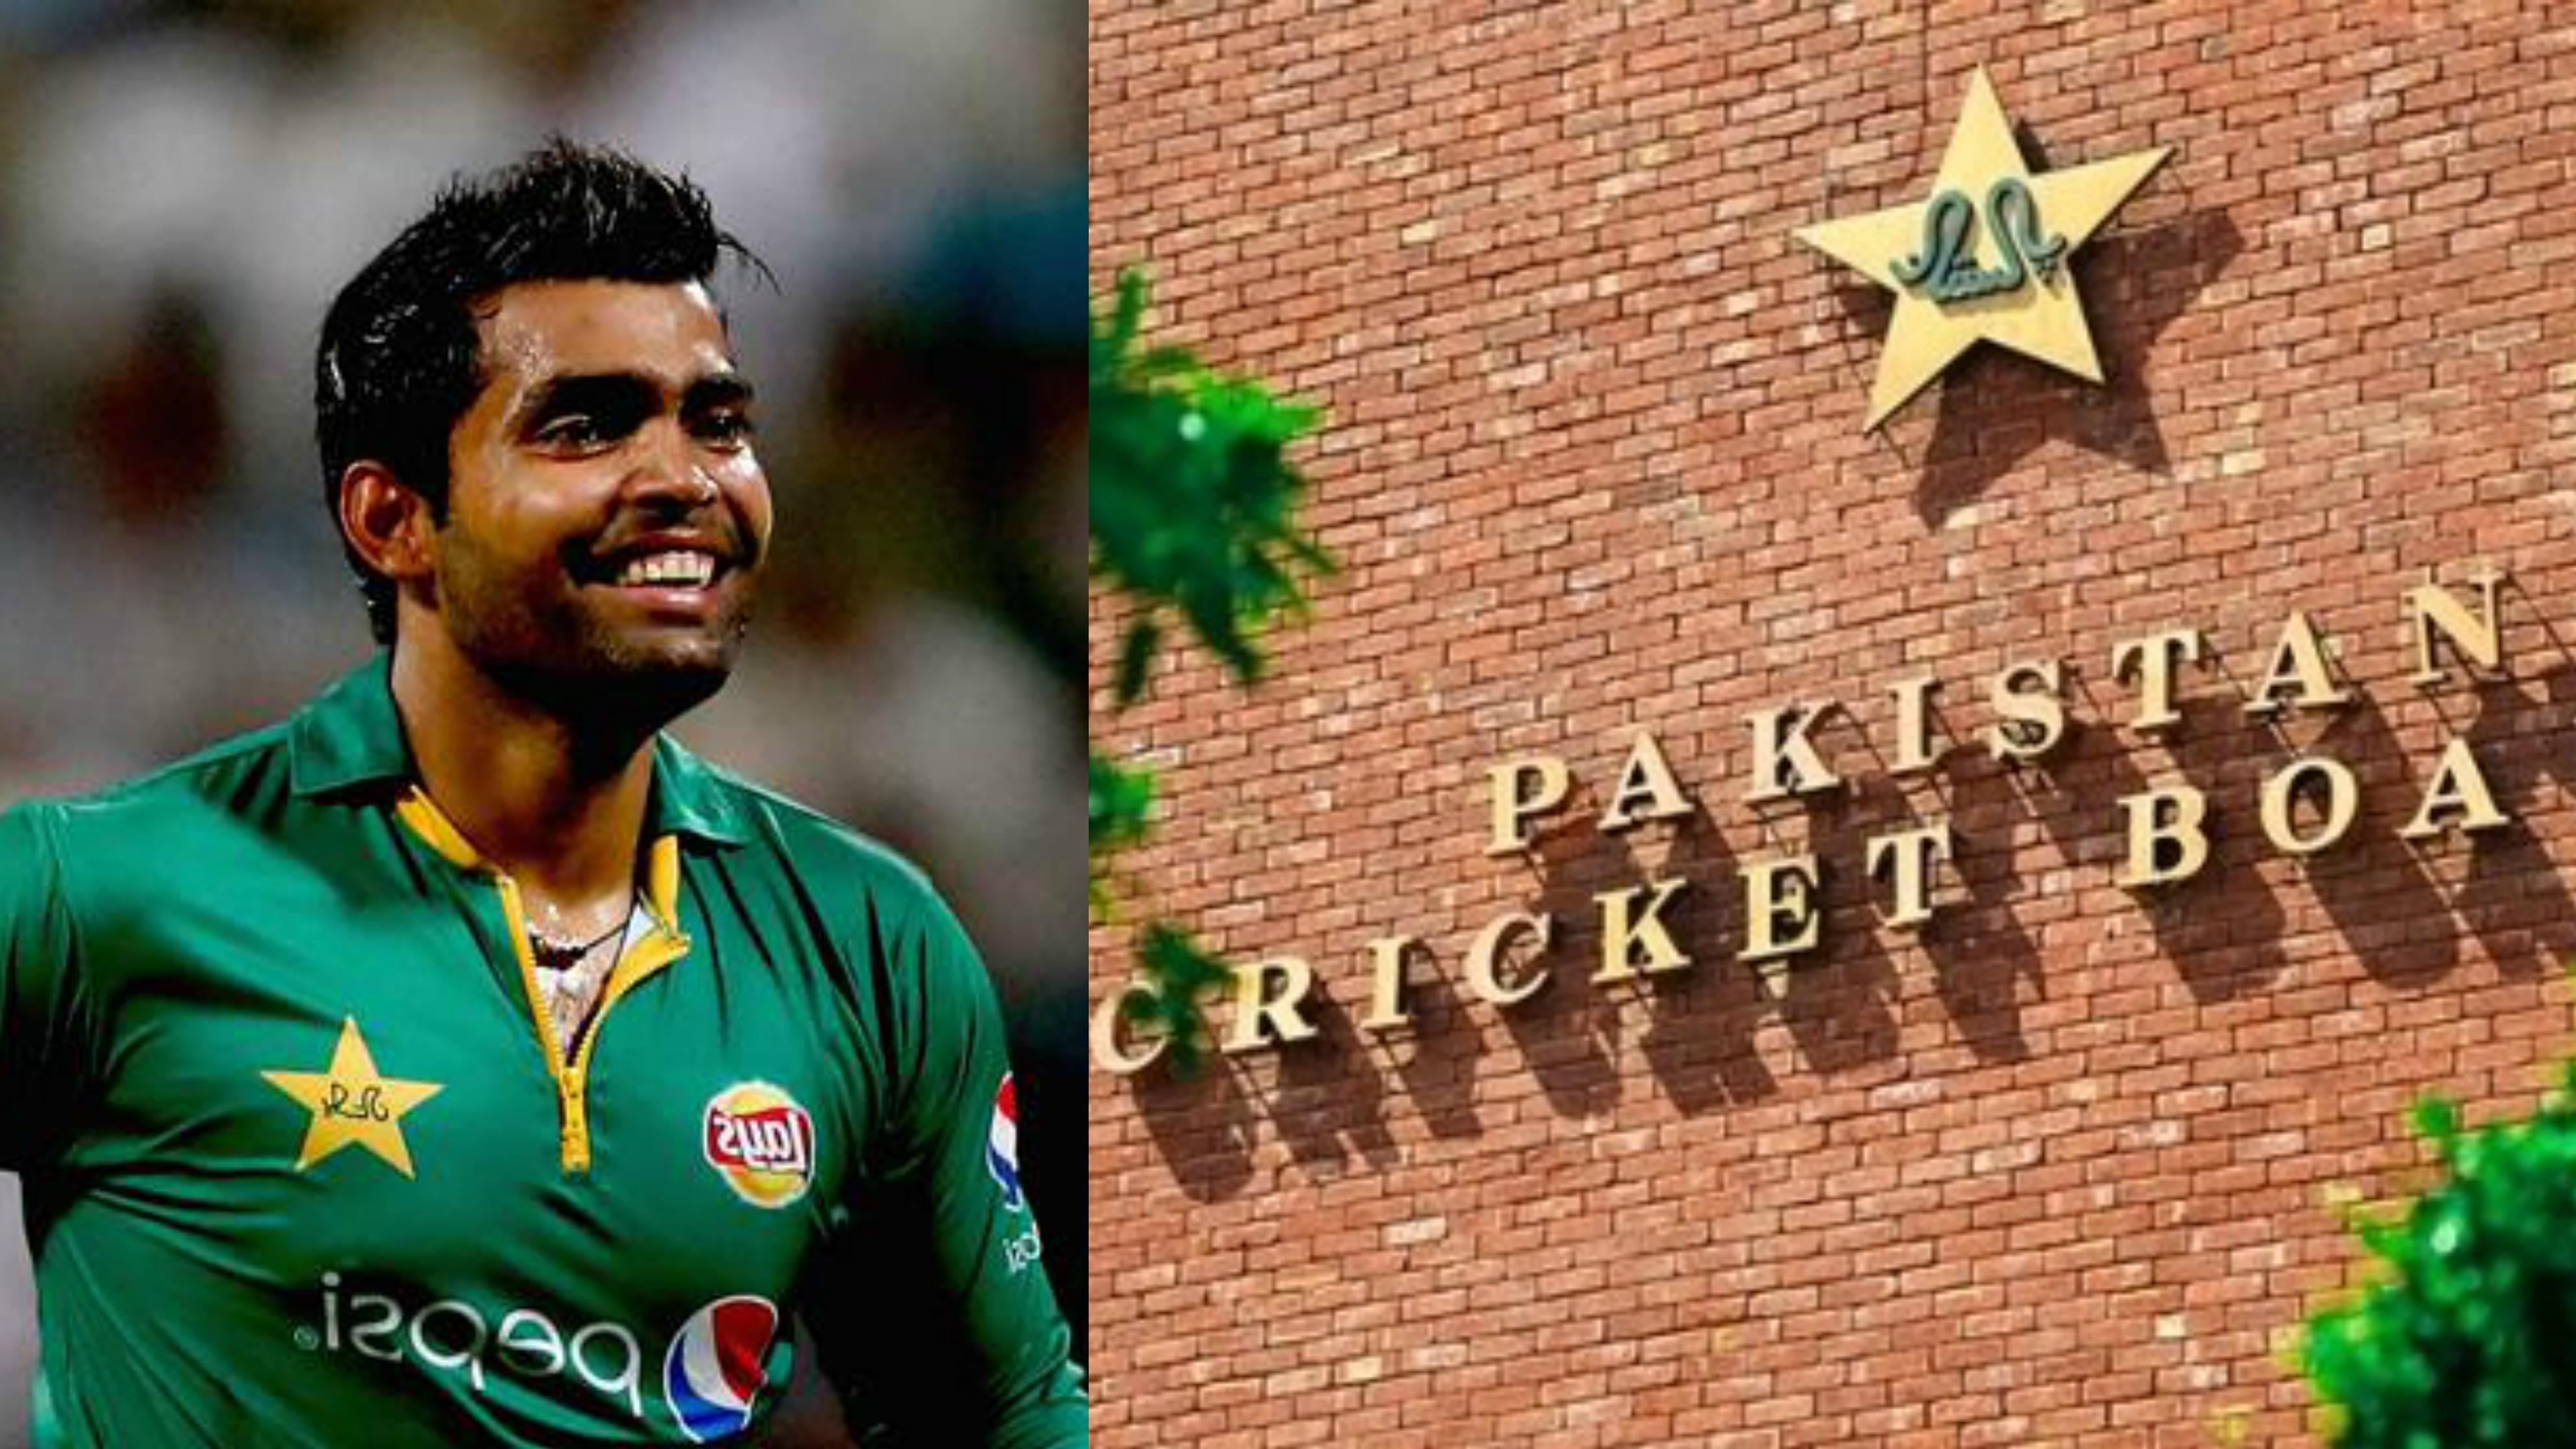 PCB reprimands Umar Akmal for